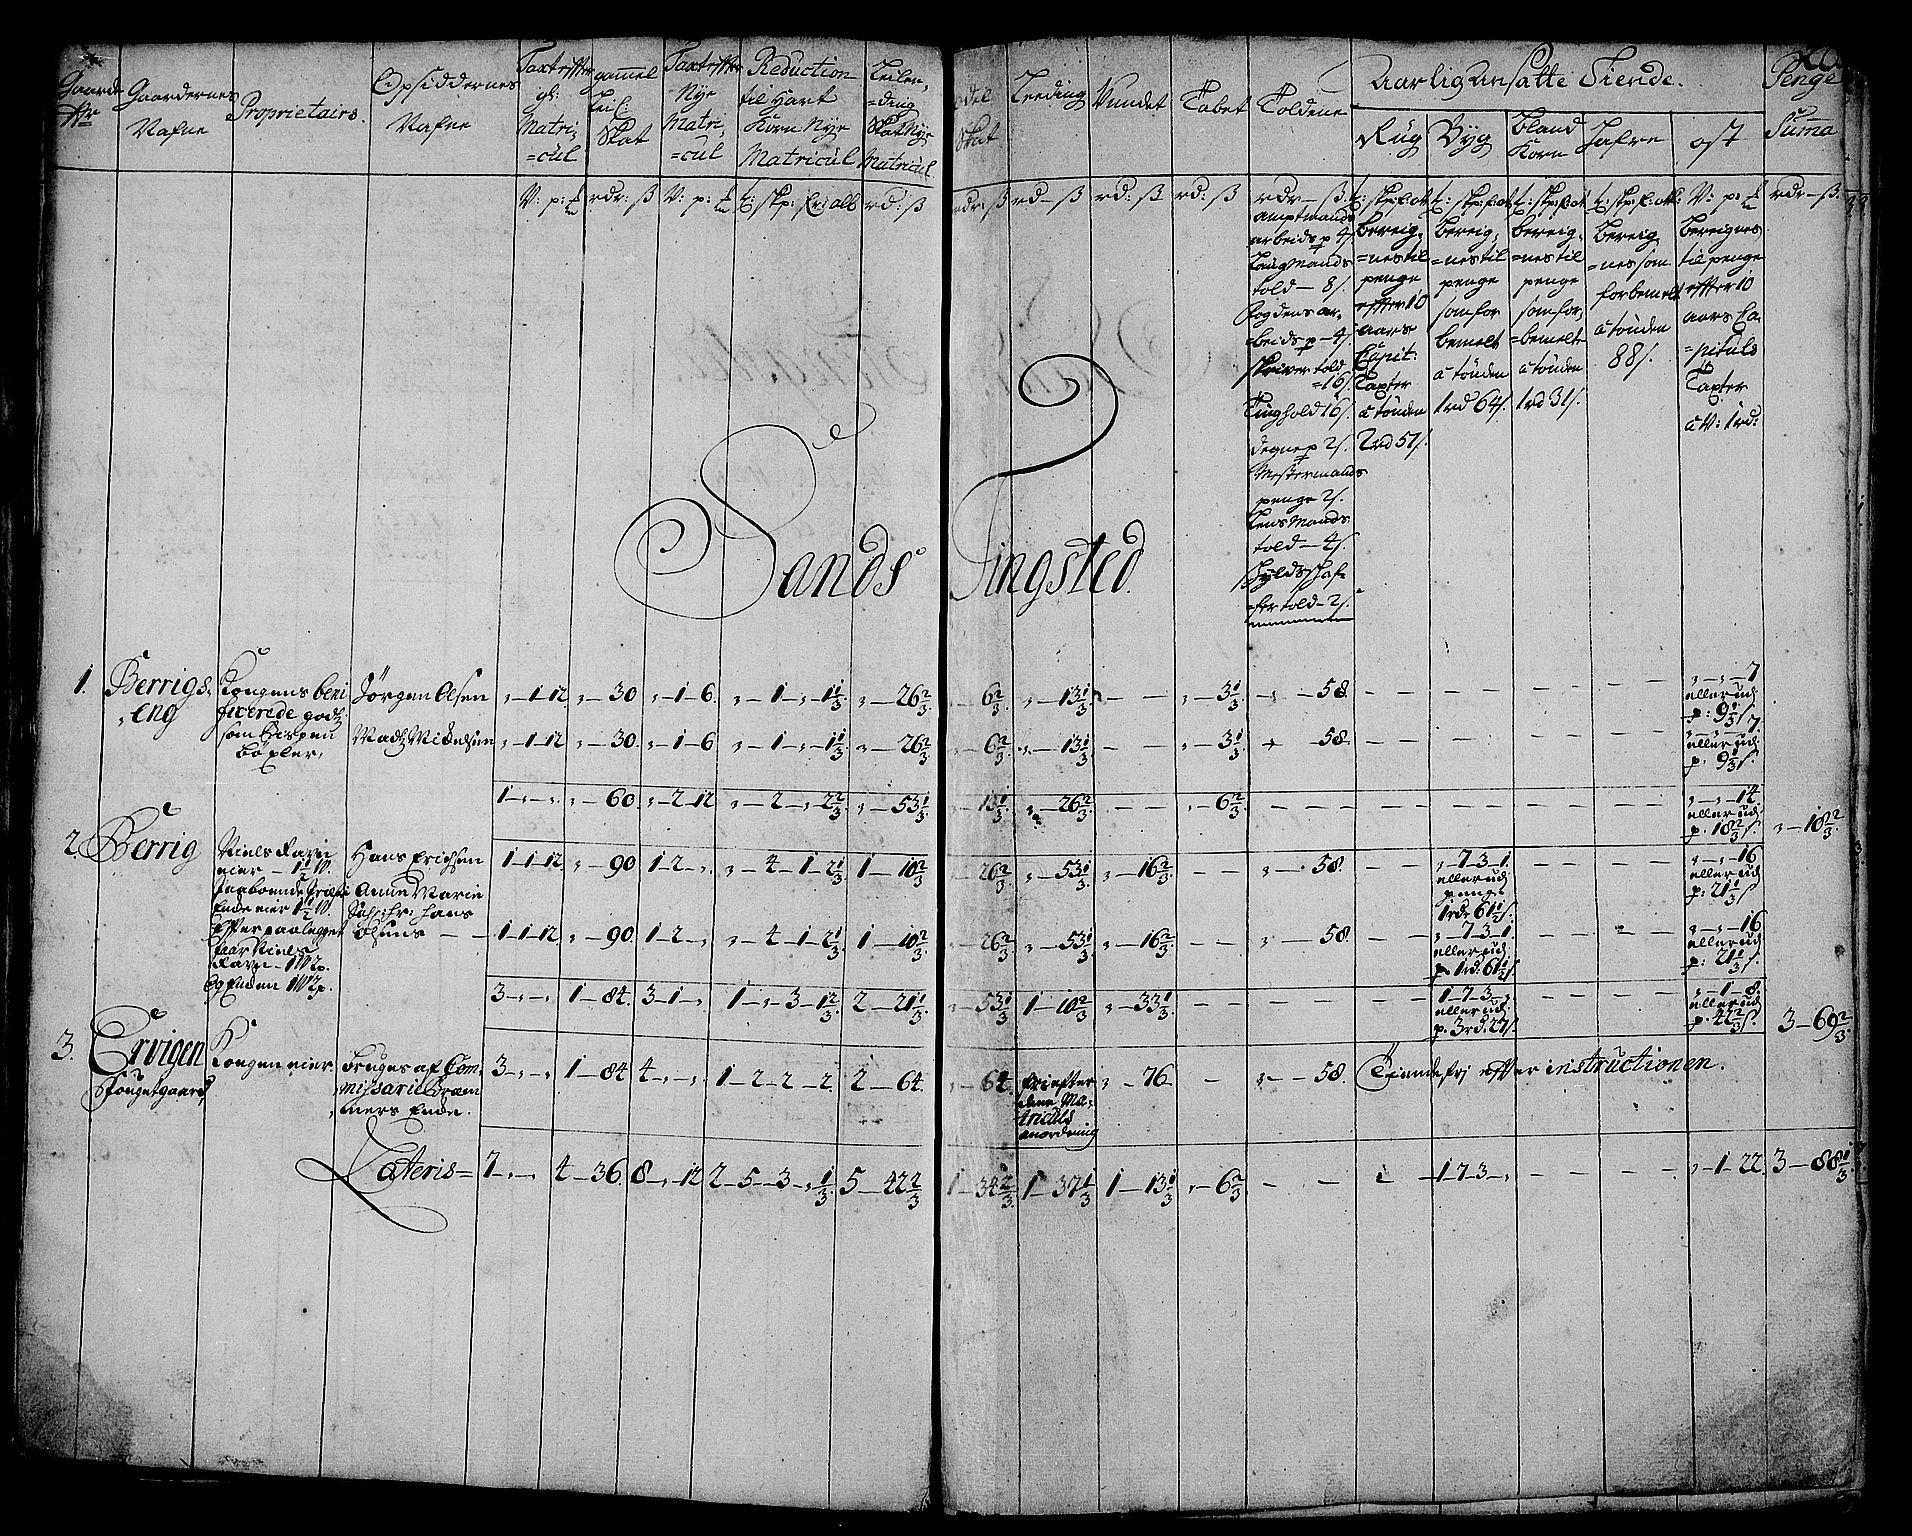 RA, Rentekammeret inntil 1814, Realistisk ordnet avdeling, N/Nb/Nbf/L0179: Senja matrikkelprotokoll, 1723, s. 19b-20a